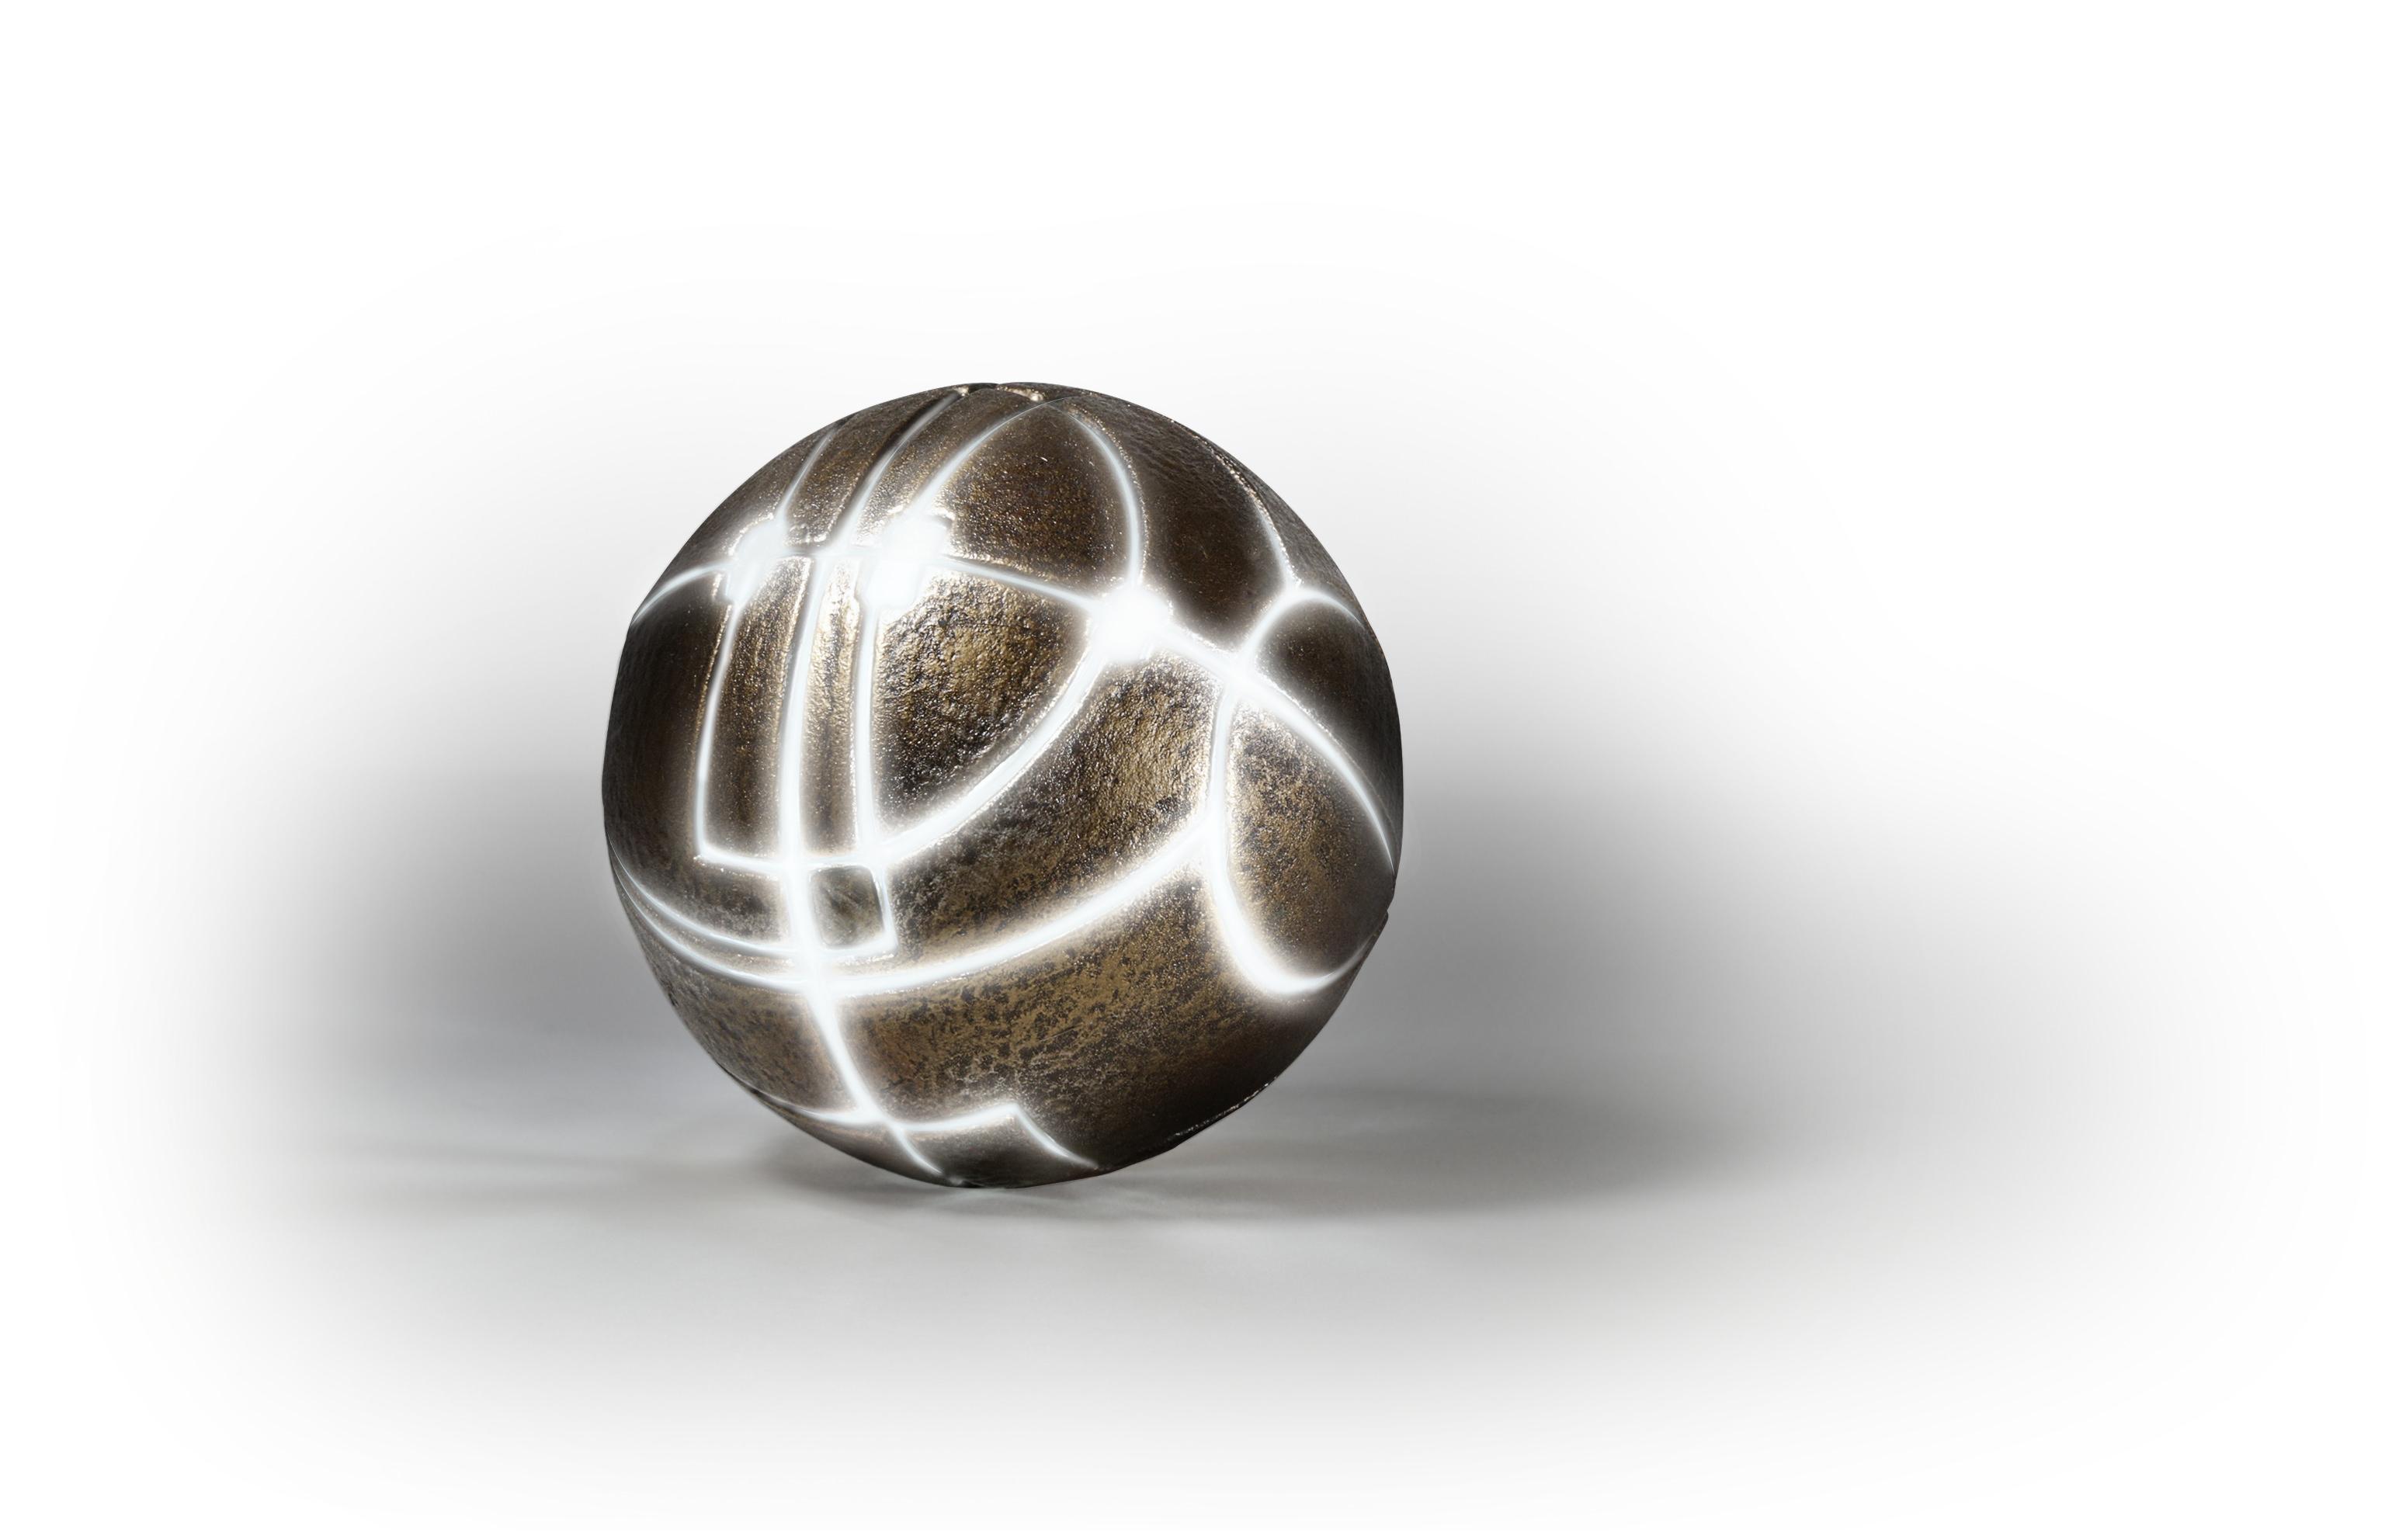 assassin s creed origins apple of eden anz ubisoft. Black Bedroom Furniture Sets. Home Design Ideas